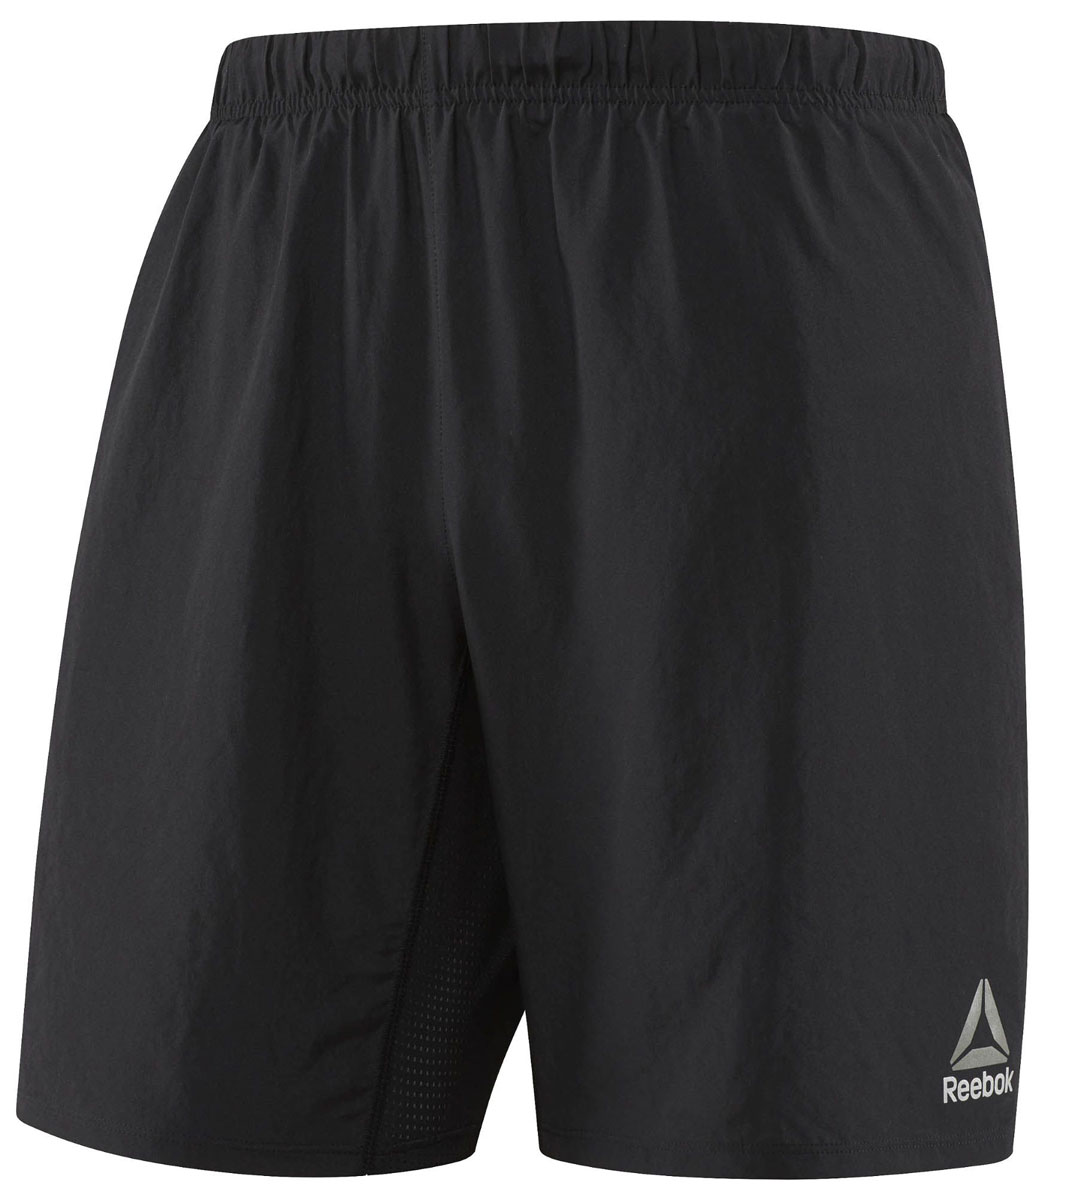 Шорты мужские Reebok Re 8 Inch Short, цвет: черный. BK2241. Размер S (44/46)BK2241Мужские шорты Reebok Re 8 Inch Short выполнены из высококачественного материала.Классический крой - шорты не слишком тесные и не слишком свободные. Отлично подходят для тренировок и повседневной носки.